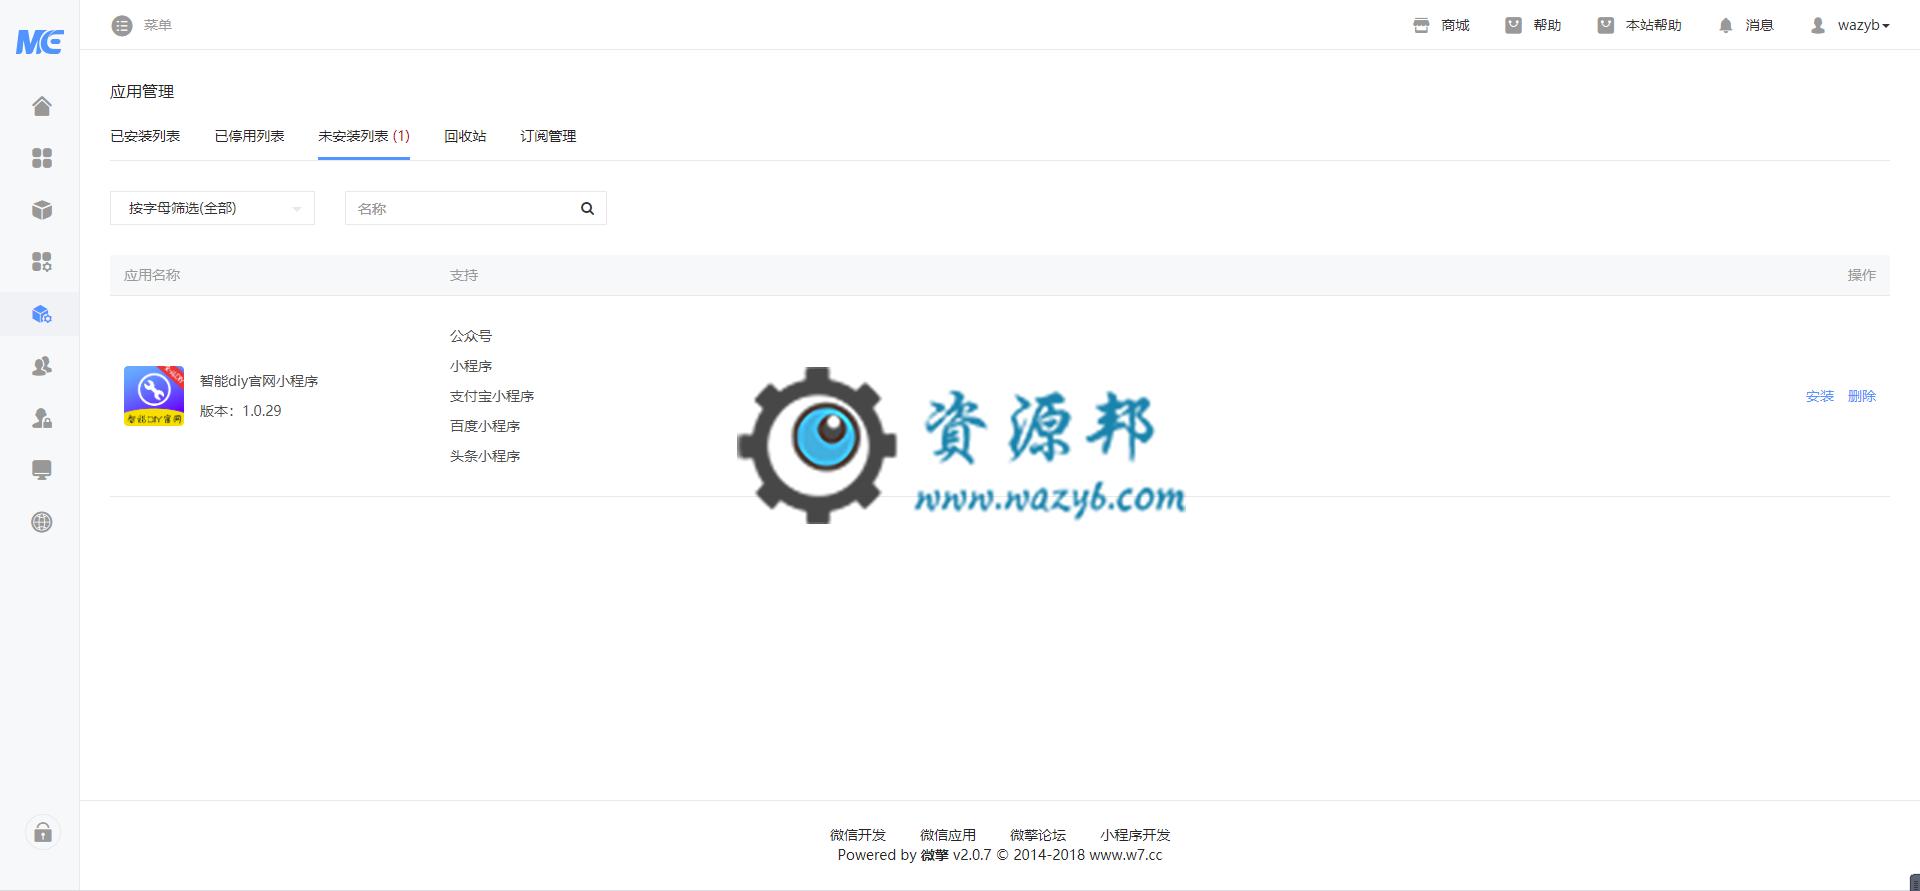 【永久会员专享】智能diy官网小程序源码包更新【更新至V1.0.29】 第3张